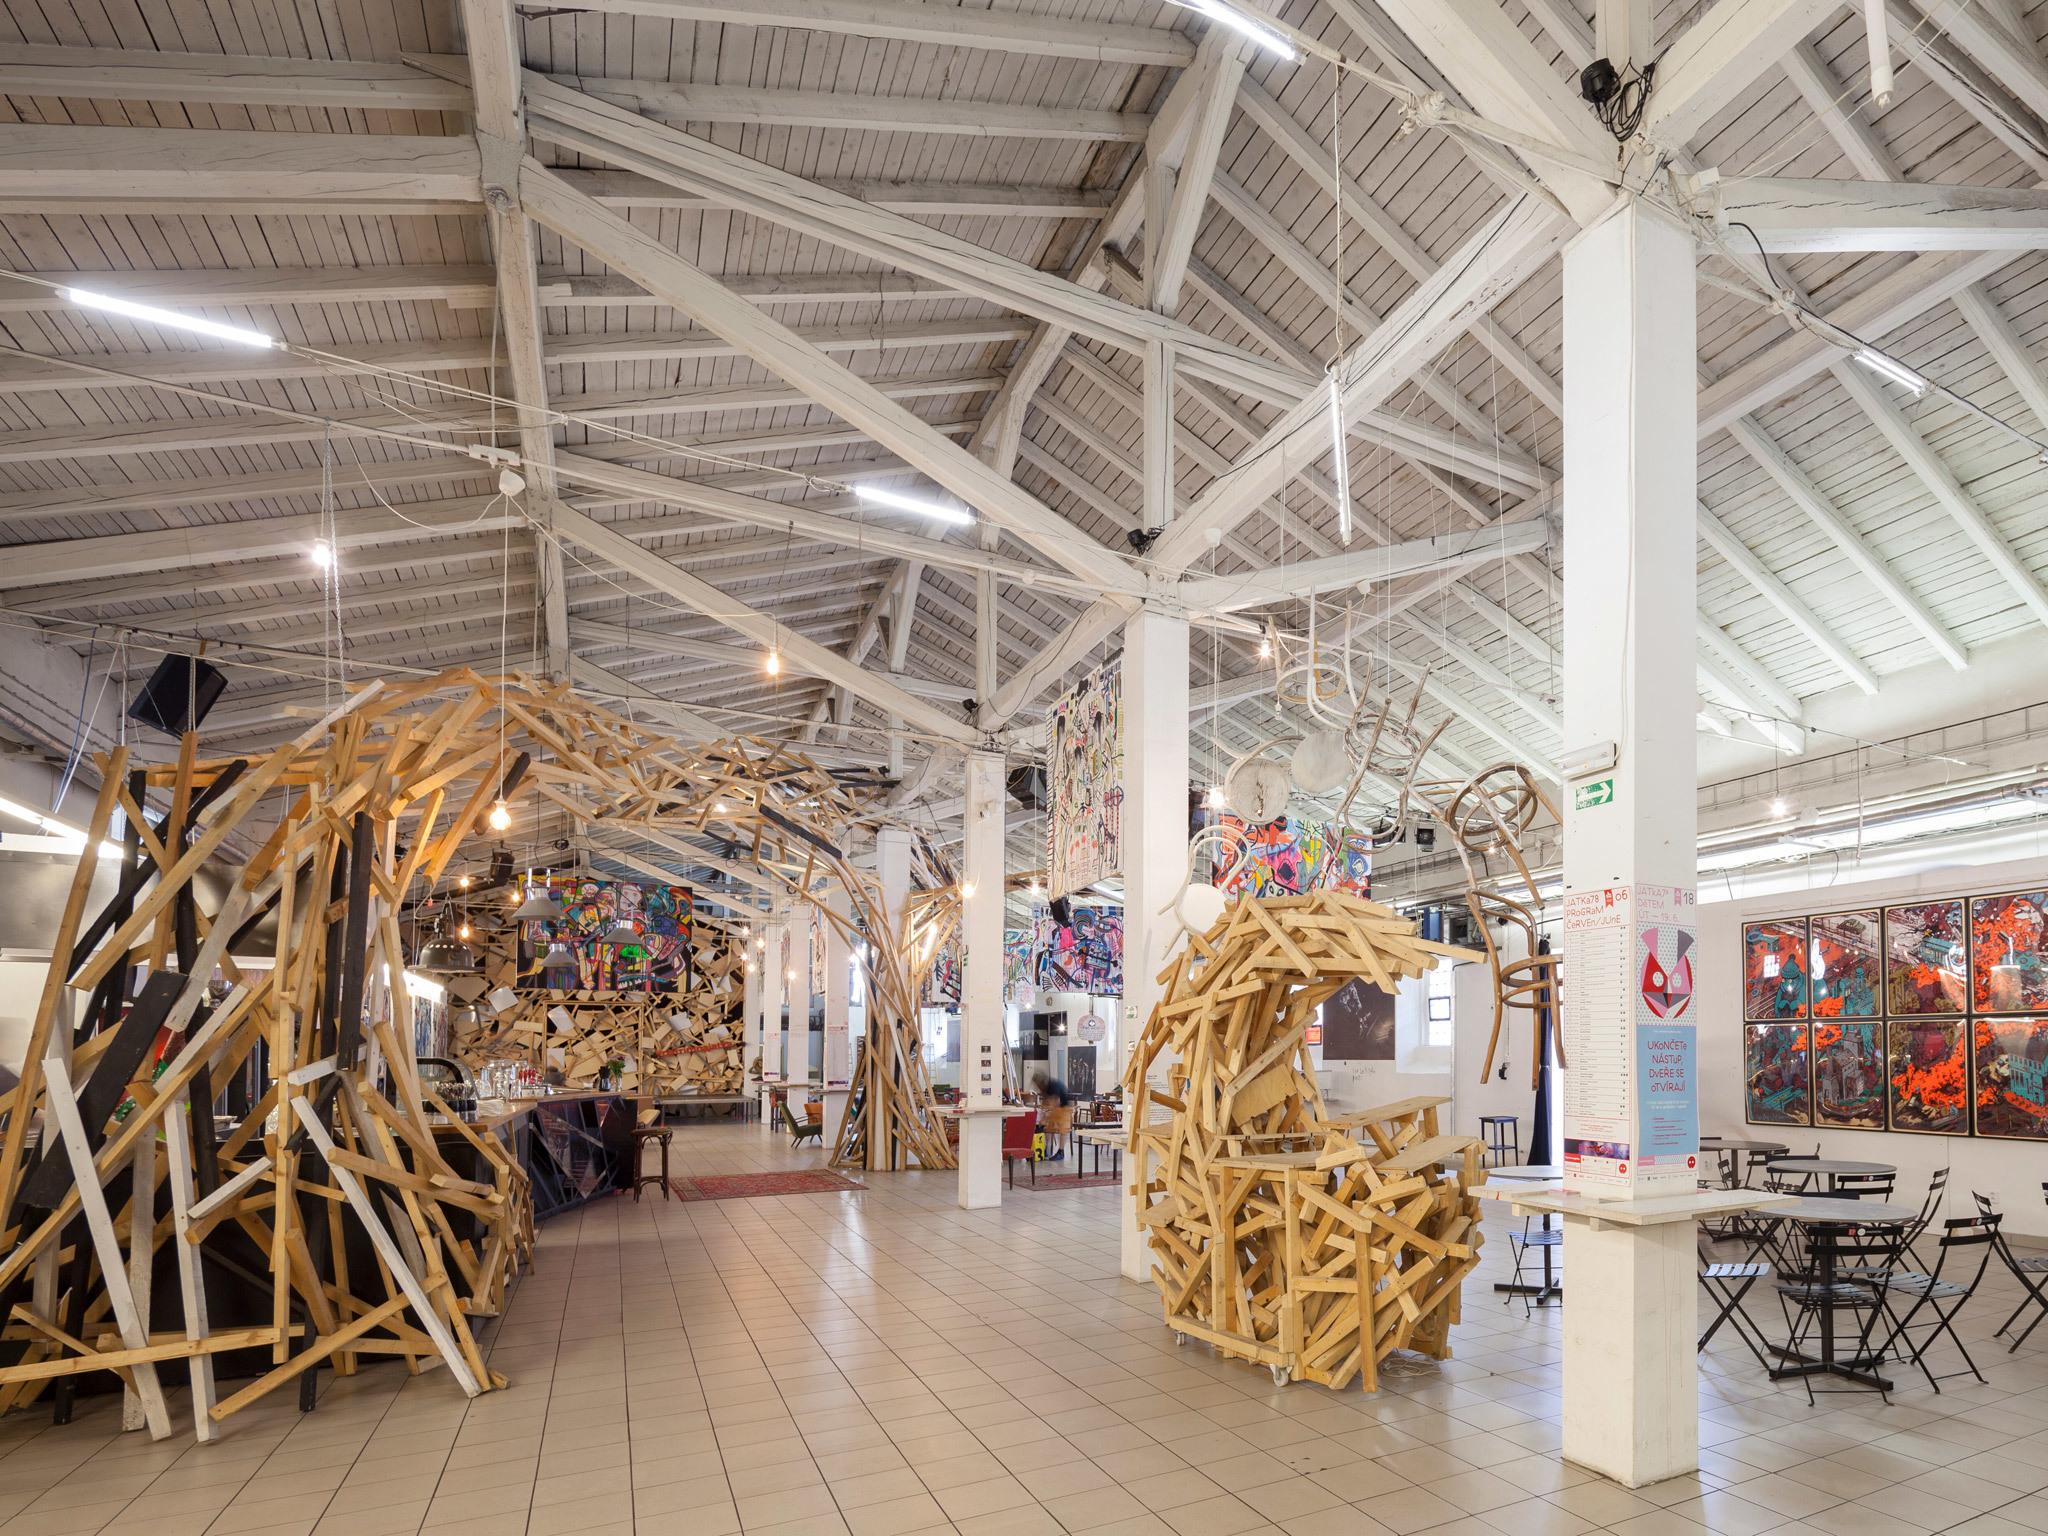 An art exhibition at Jatka78 in Prague